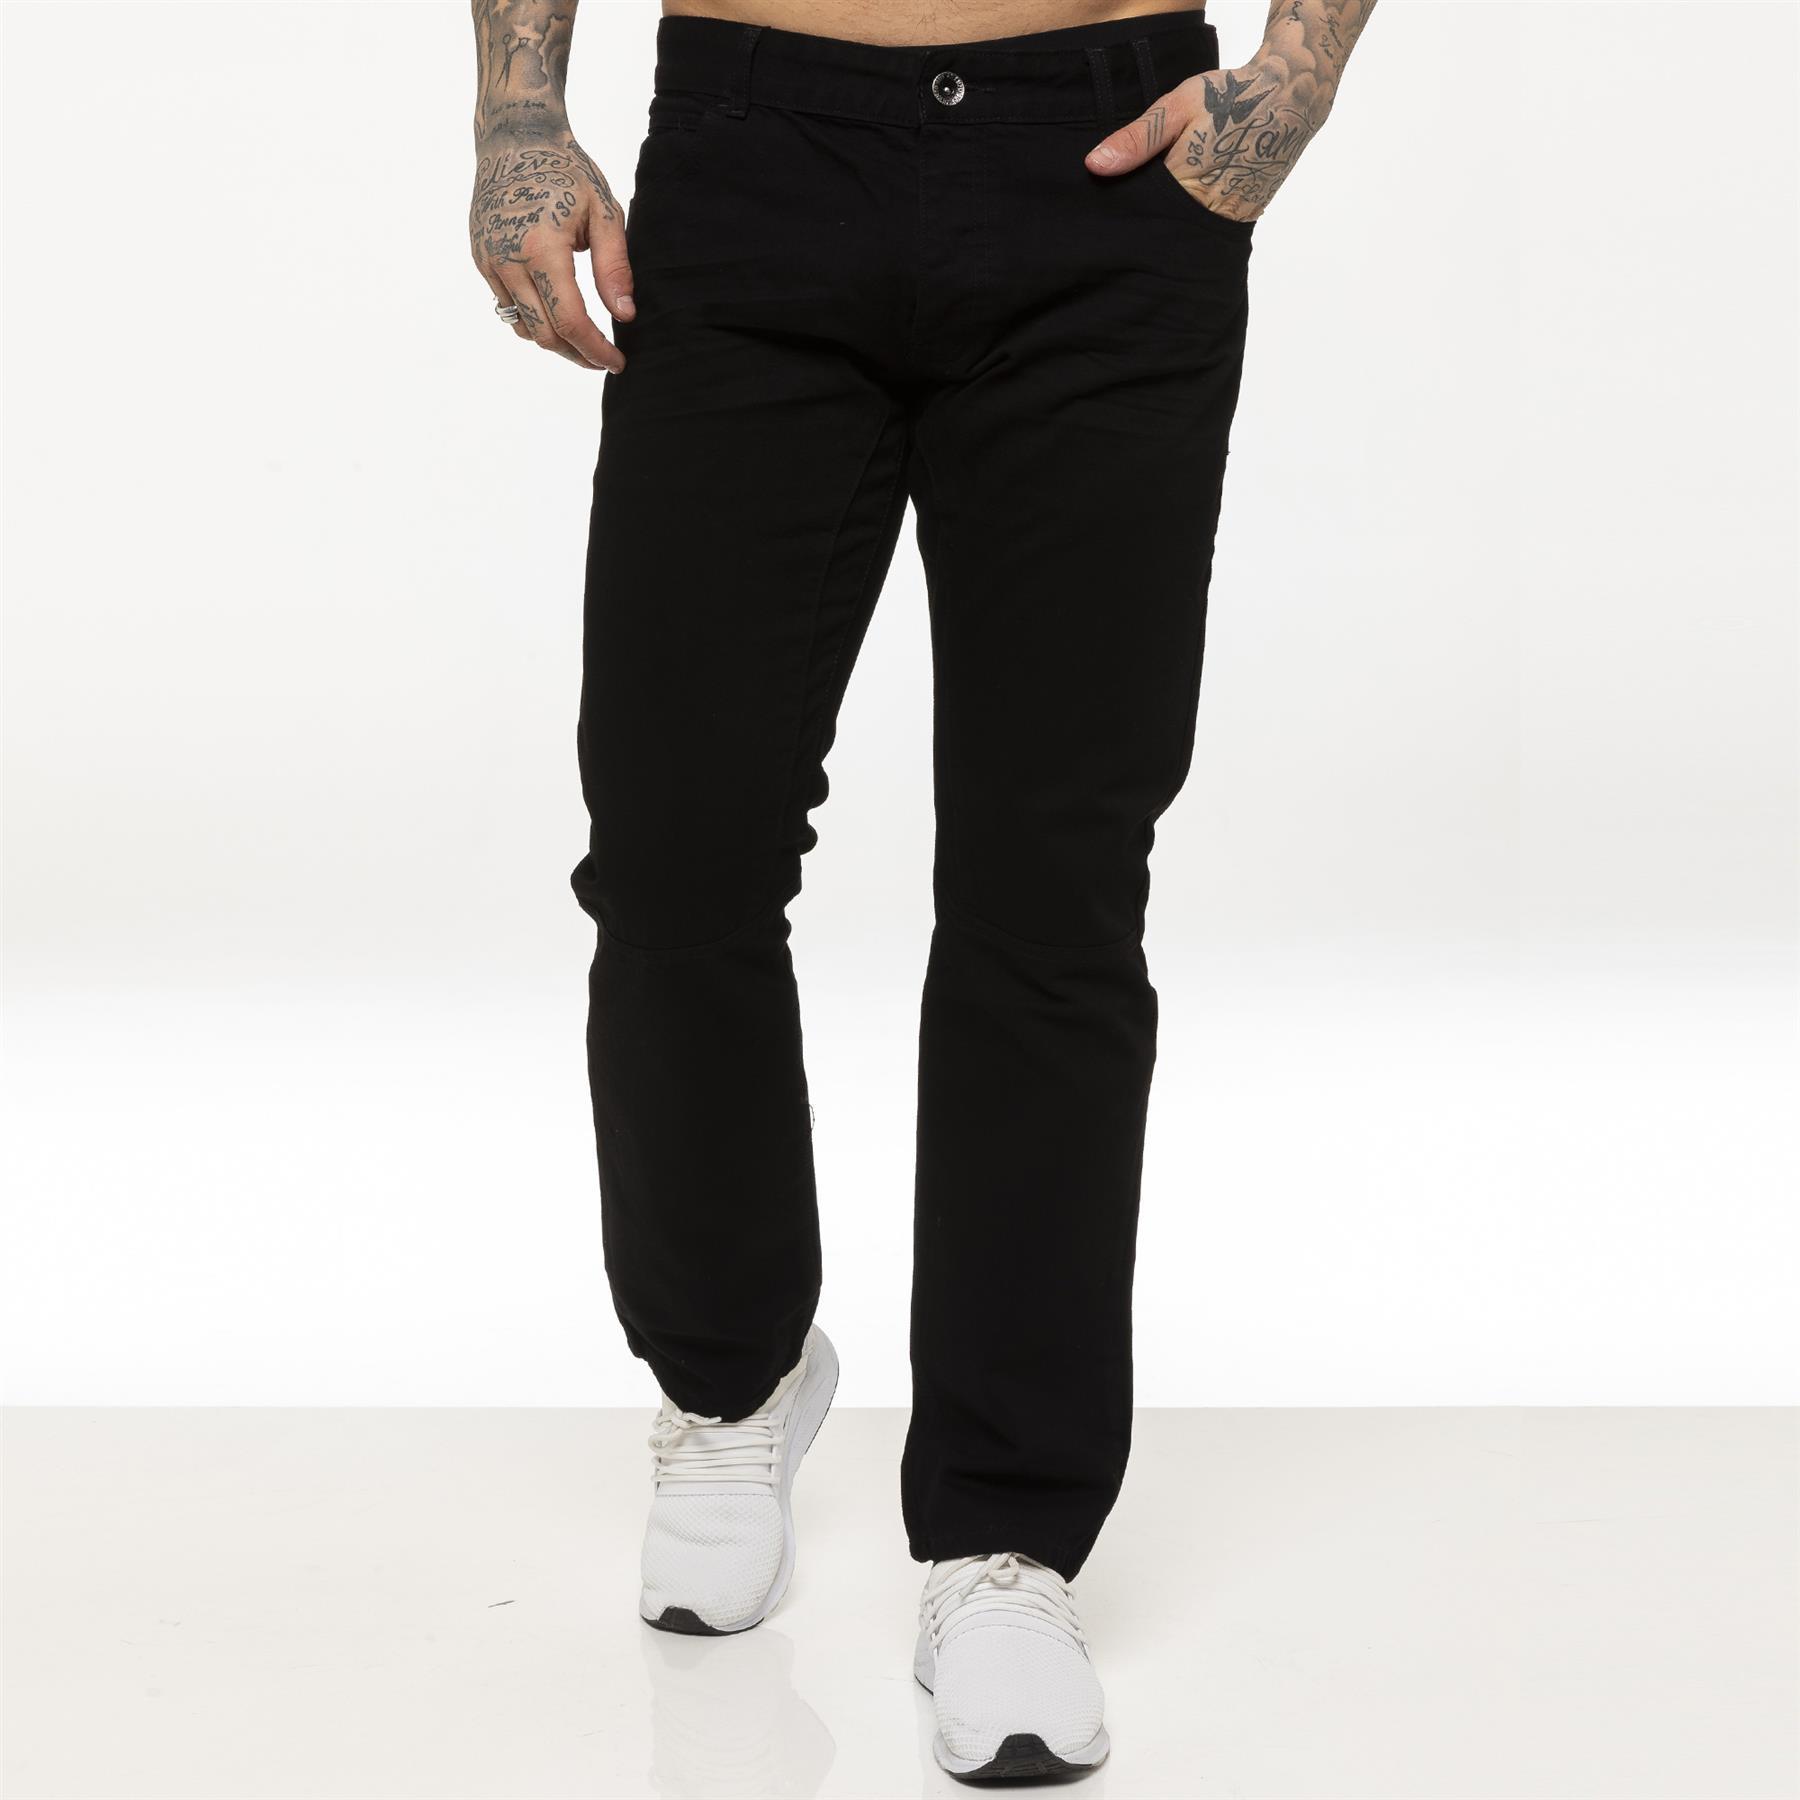 miniature 6 - Enzo pour homme coupe droite regular leg homme travail Denim Pantalon Toutes Tailles Tailles